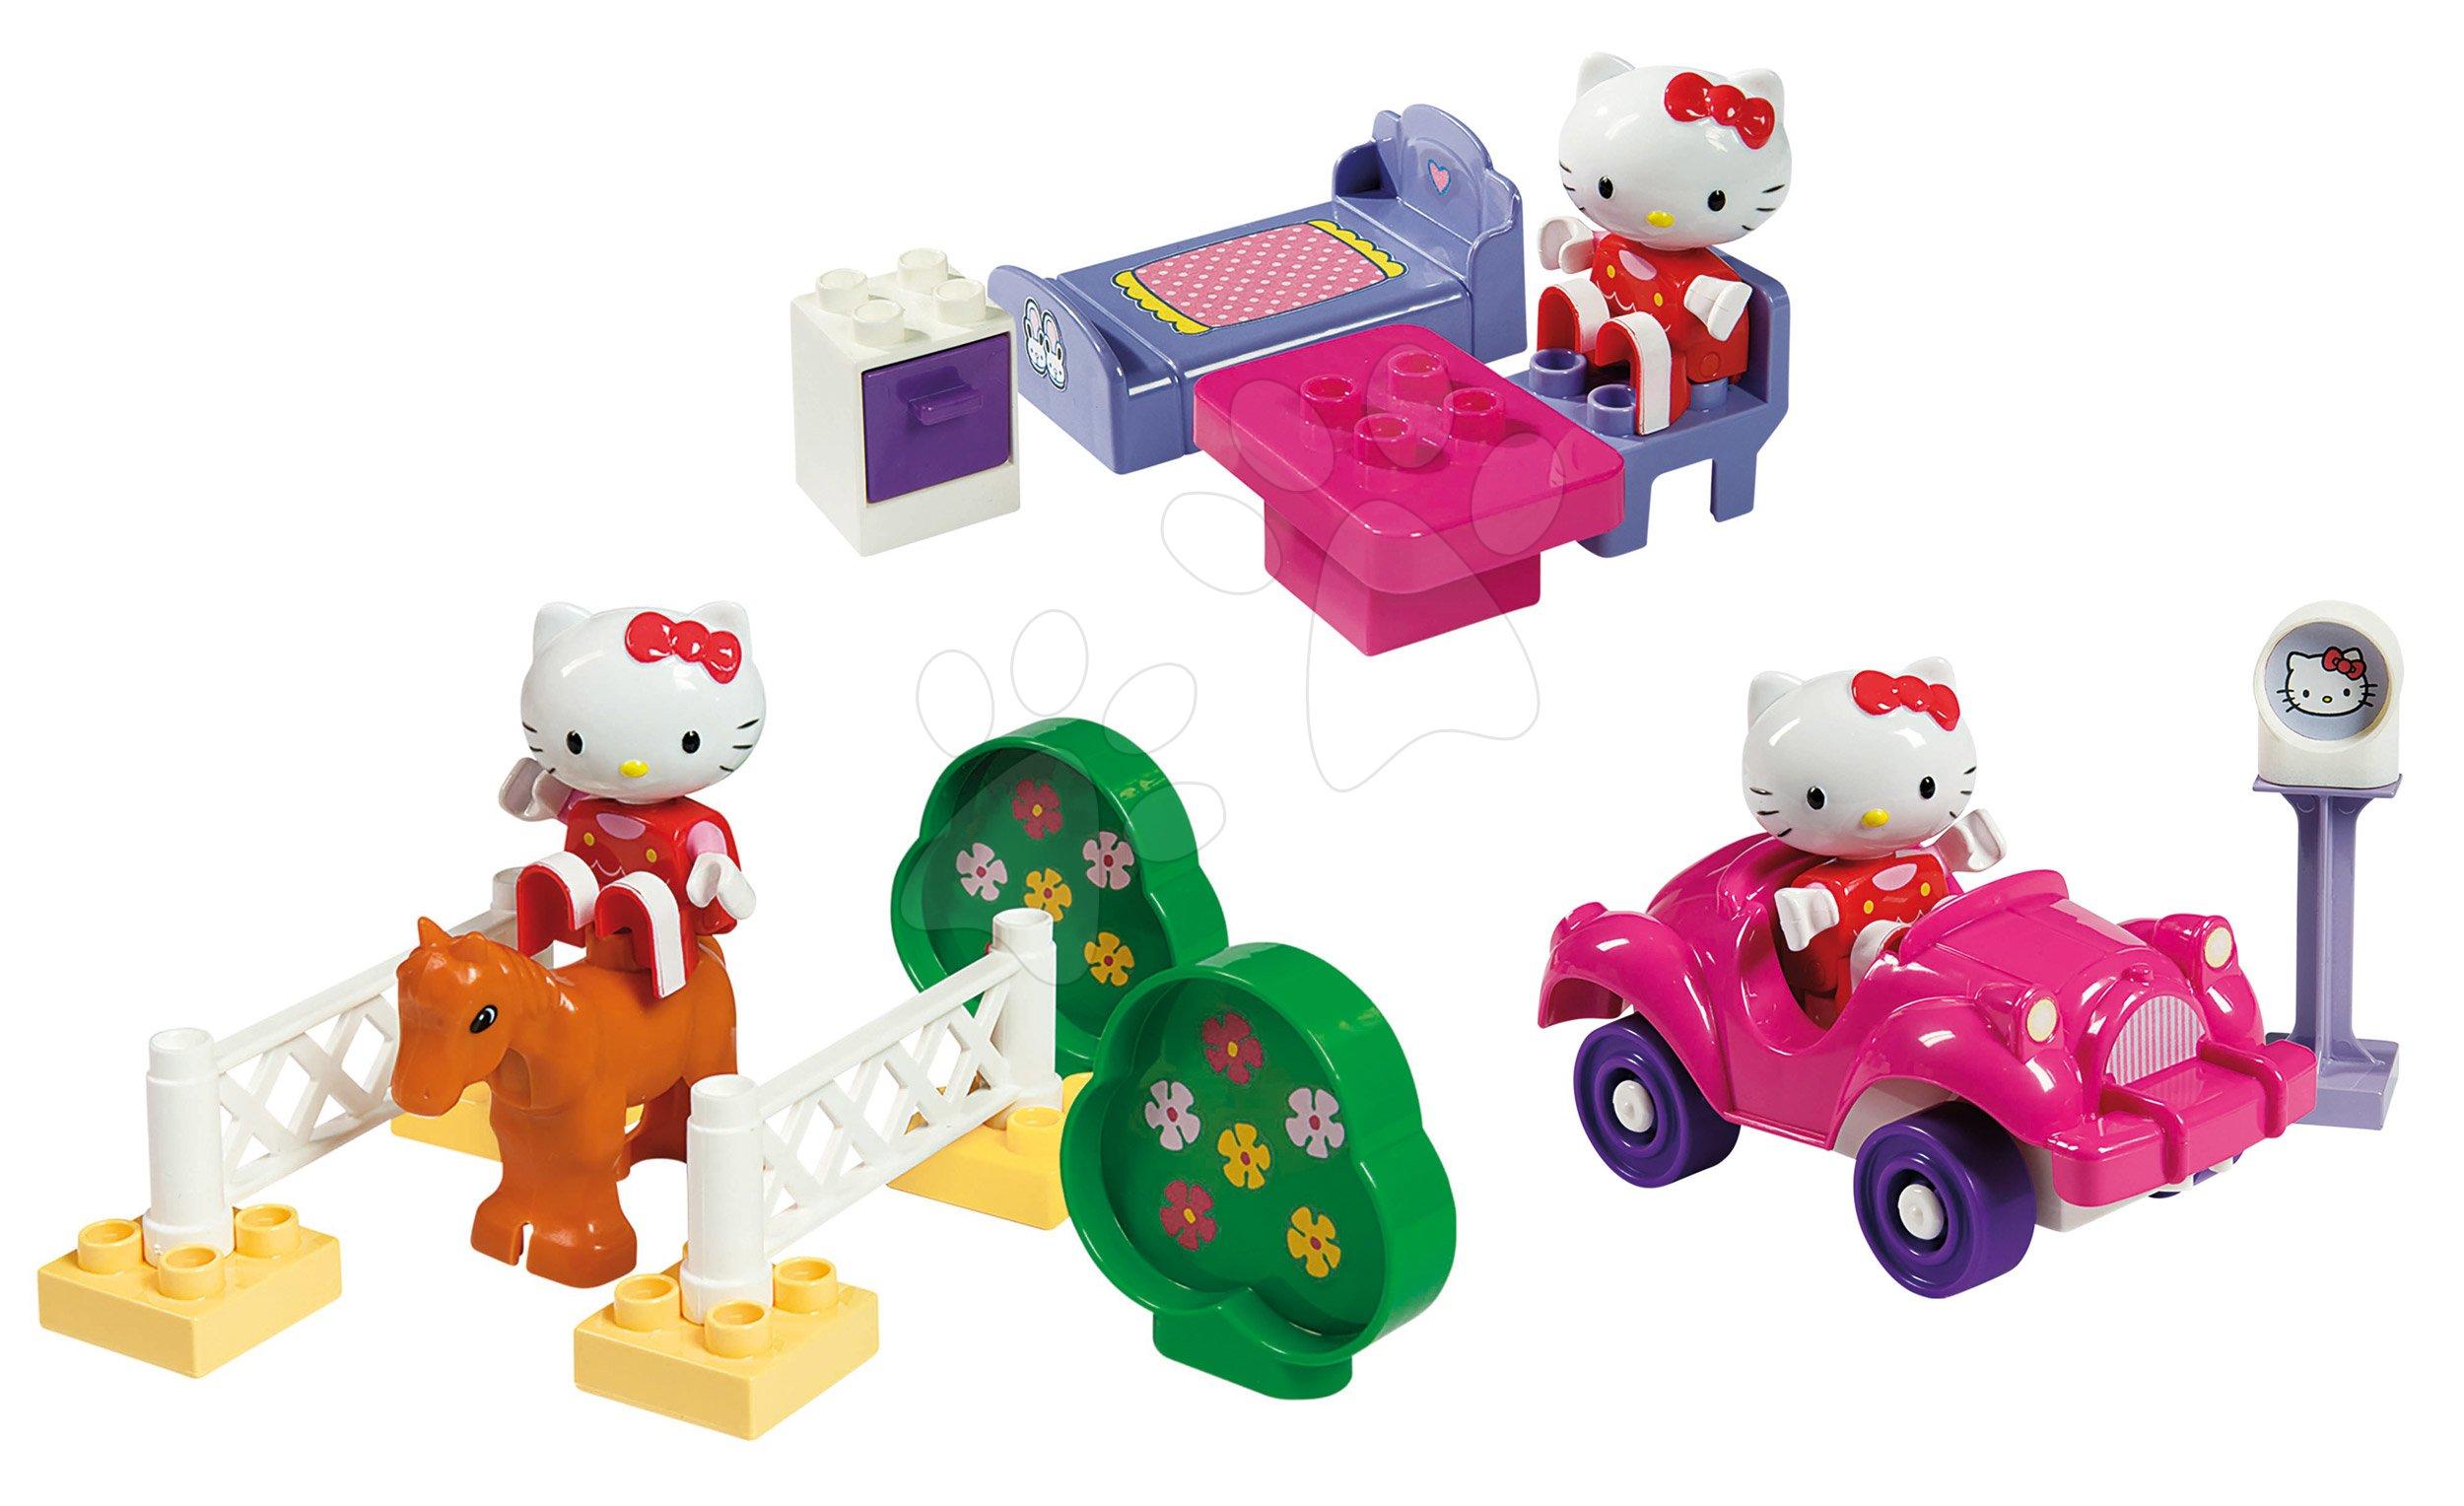 Stavebnice PlayBIG Bloxx BIG Hello Kitty – na dostizích, v autíčku nebo v ložnici od 18 měsíců